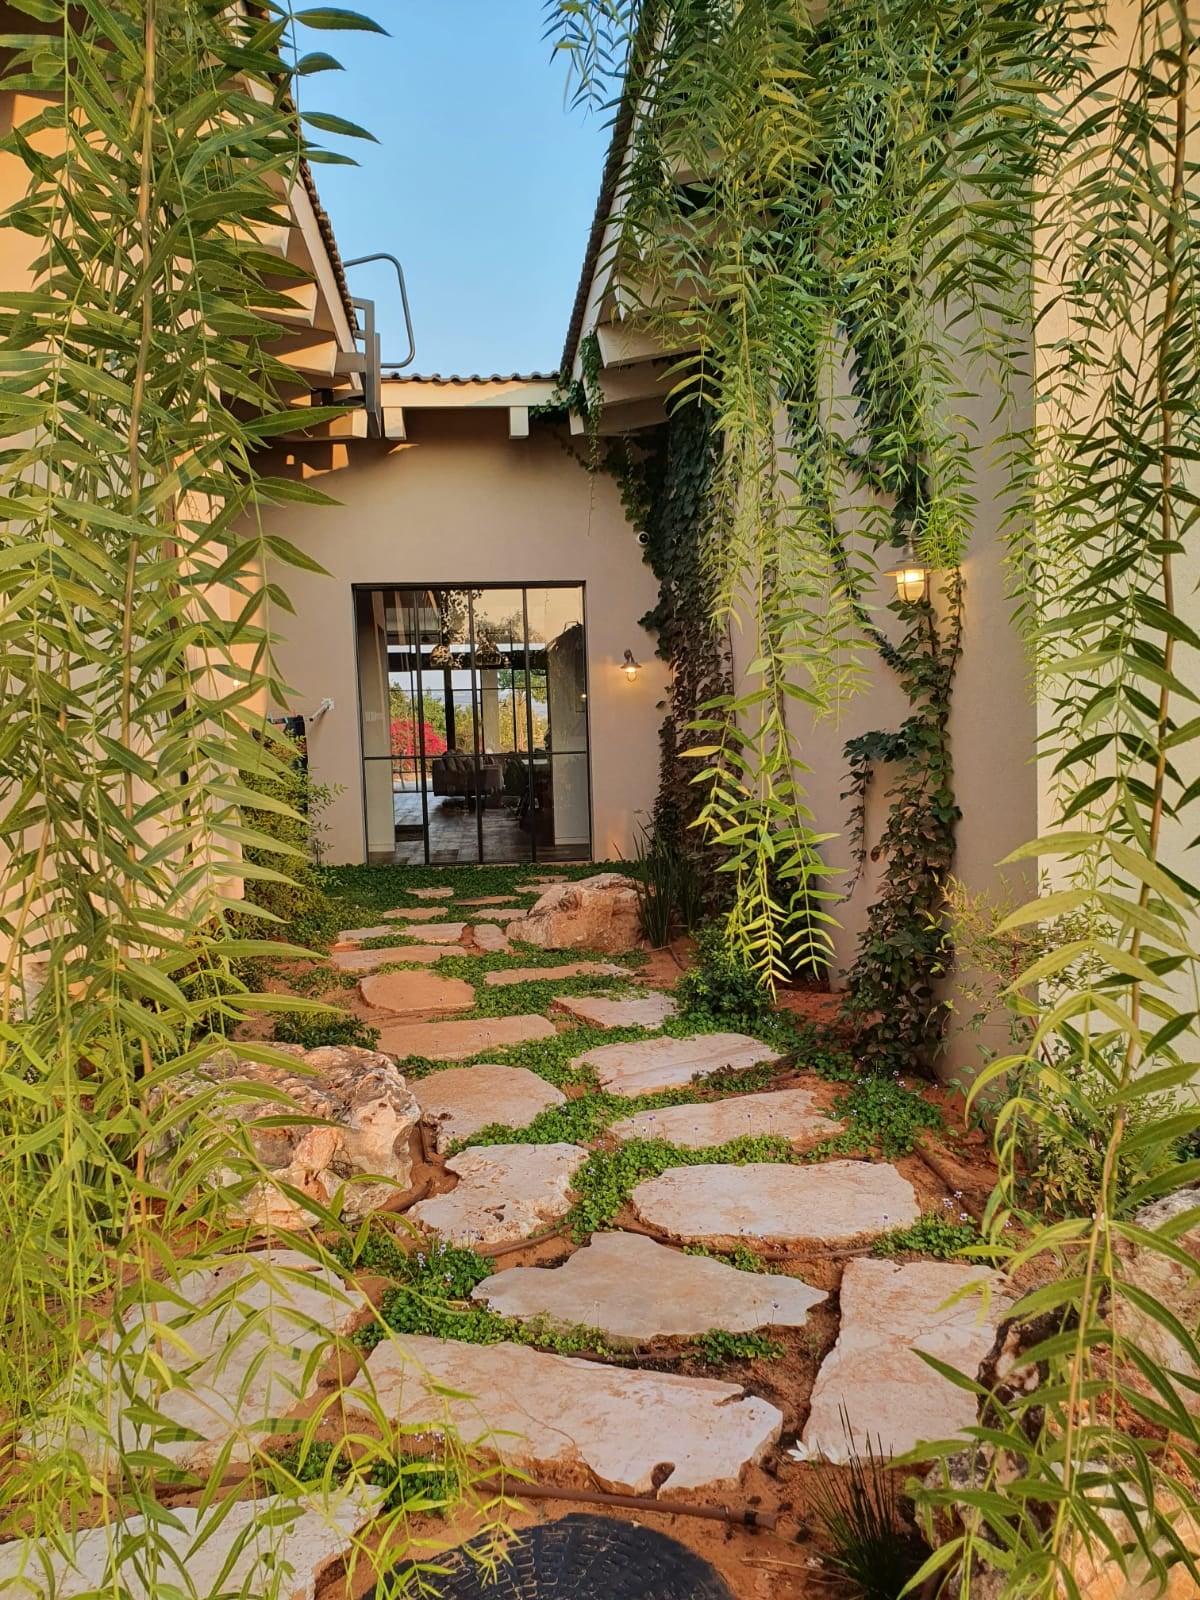 כניסת בית עם אבנים משתלבות וצמח מטפס על הקיר בעיצוב יוקרתי בבית פרטי